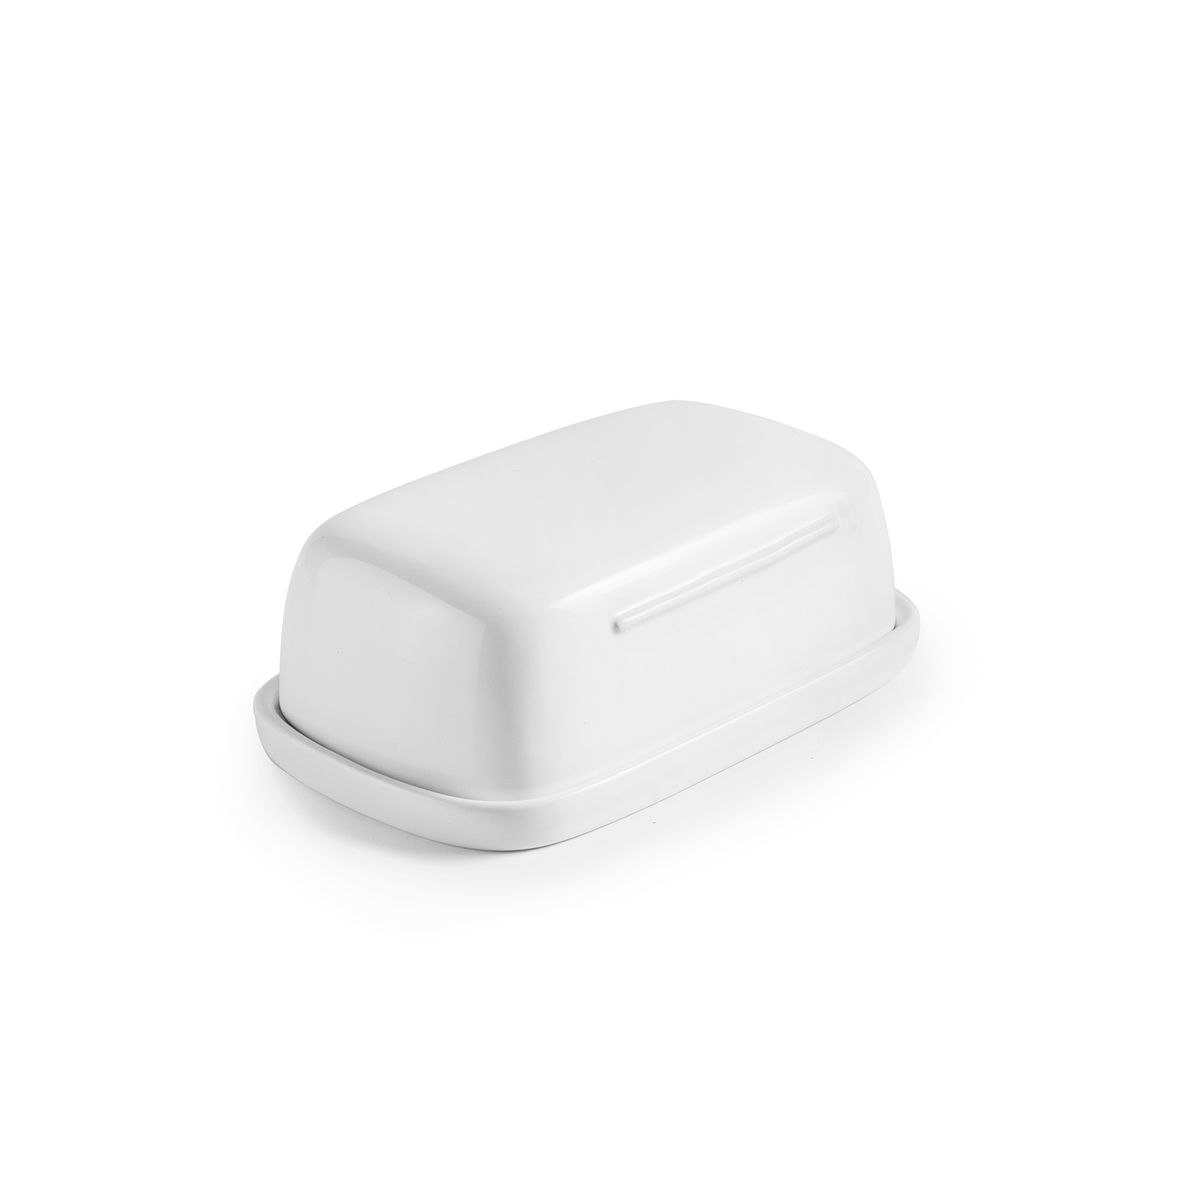 Beurrier en céramique blanc 6 x 10 x 16 cm - Ibili